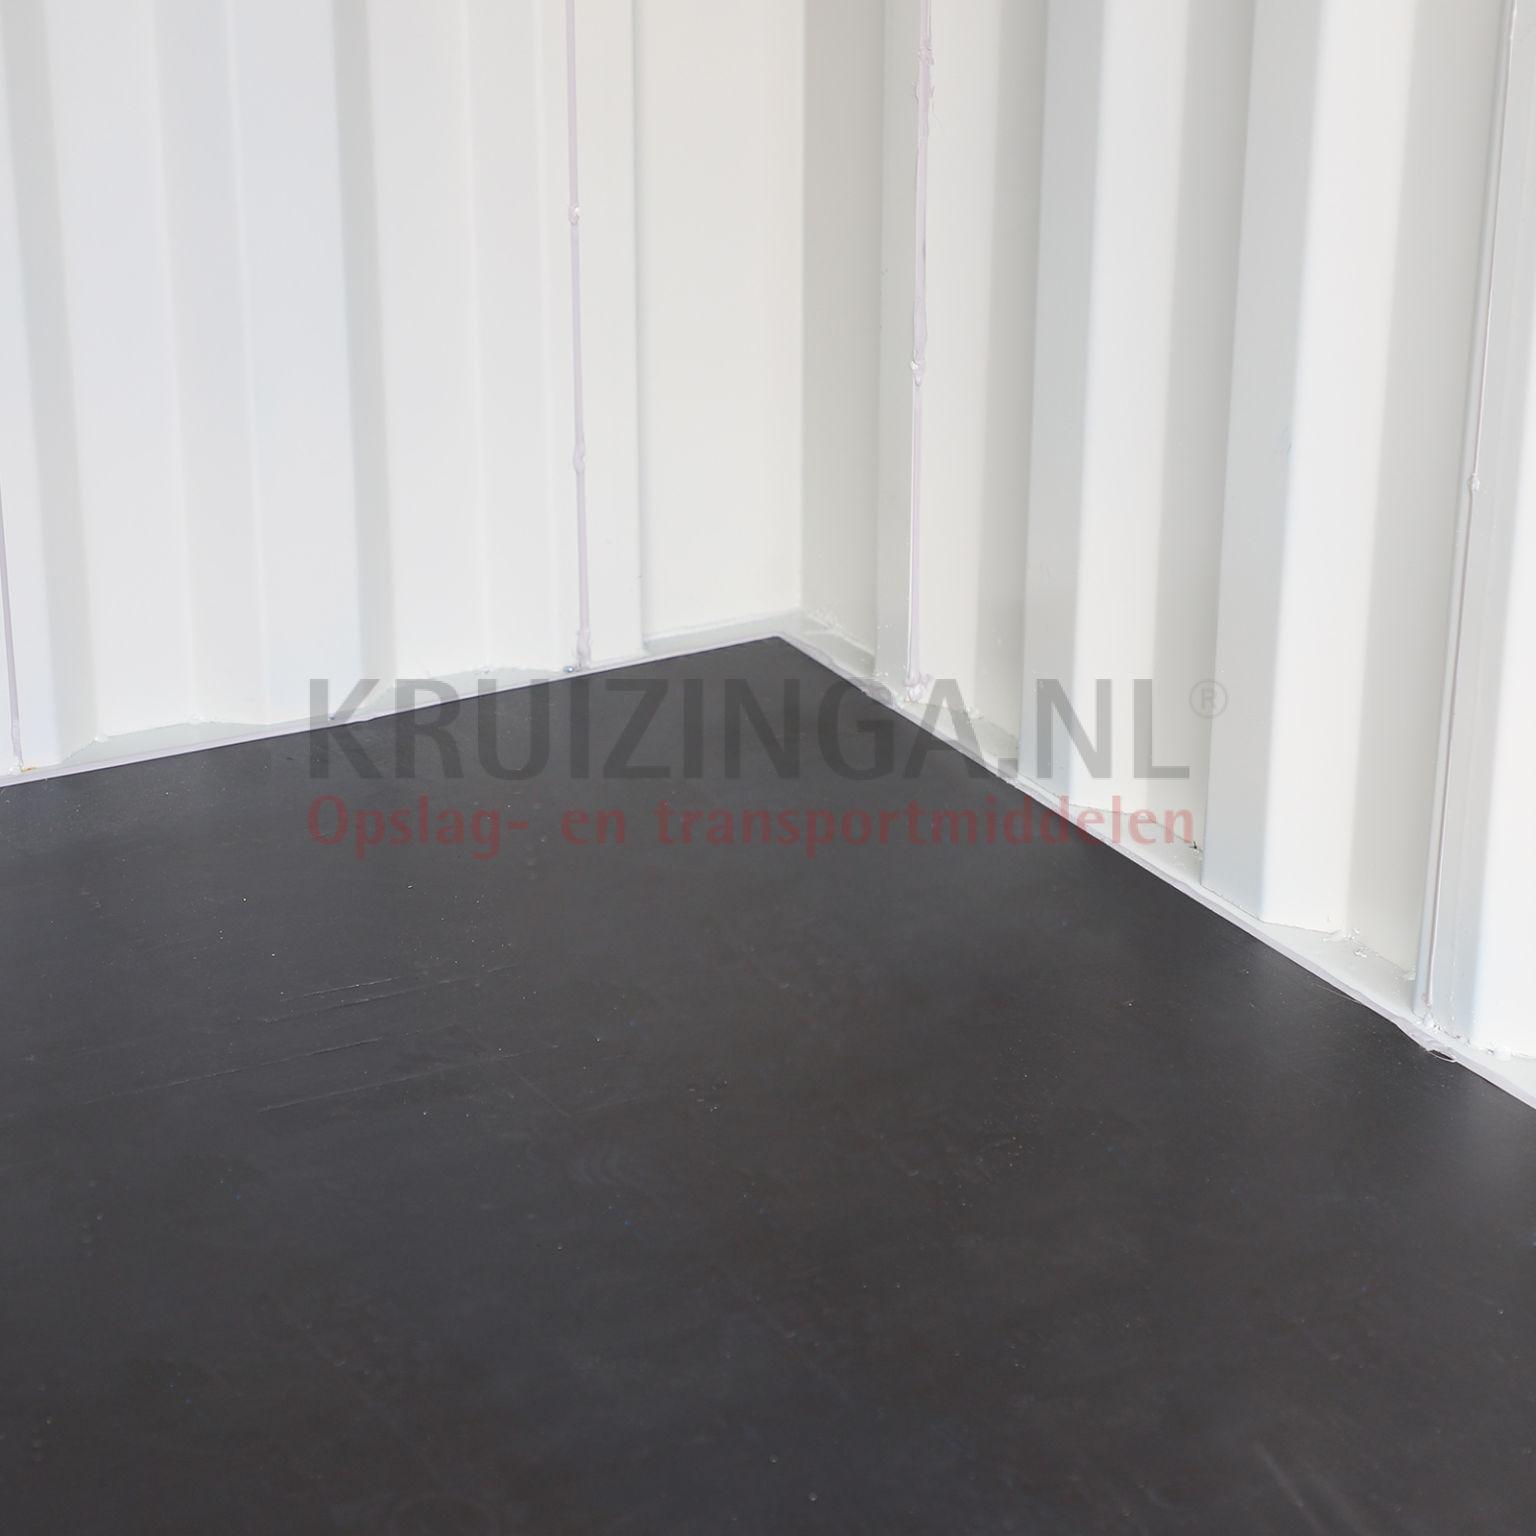 conteneur conteneur mat riel 10 ft partir de 2855 25 frais de livraison inclus. Black Bedroom Furniture Sets. Home Design Ideas